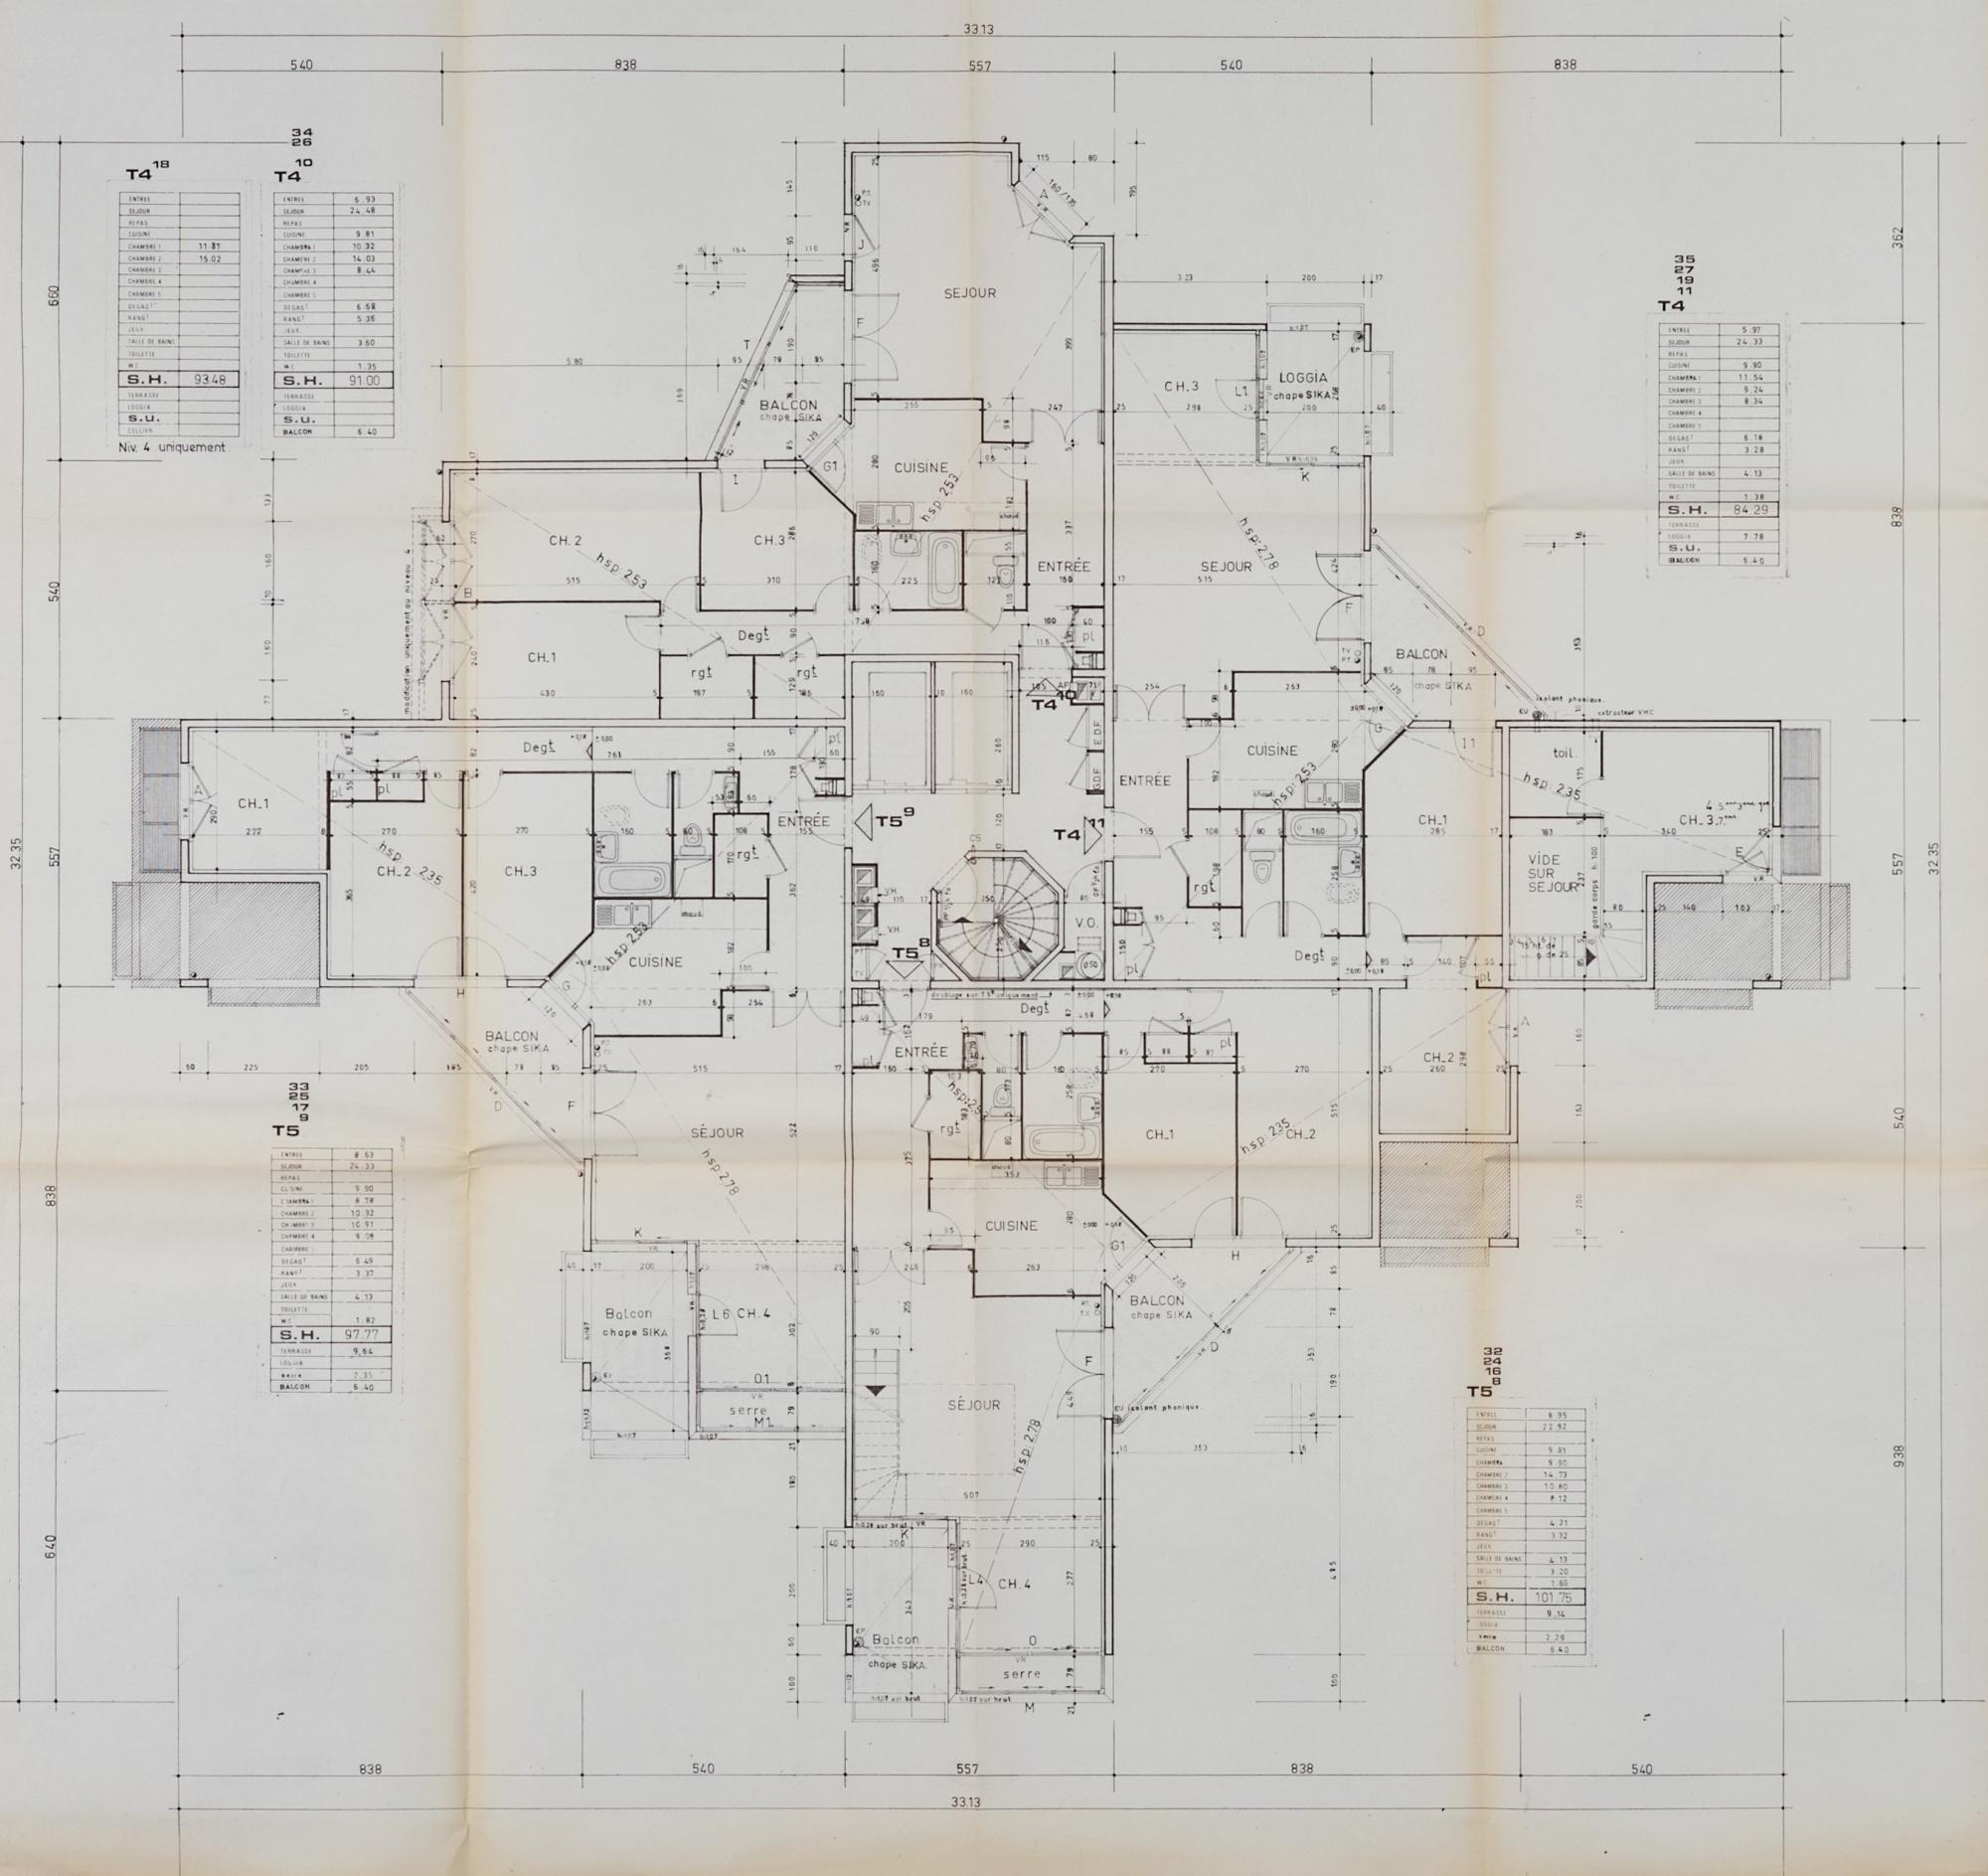 Plan détage de la résidence jean gabin architectes gimbert et vergely